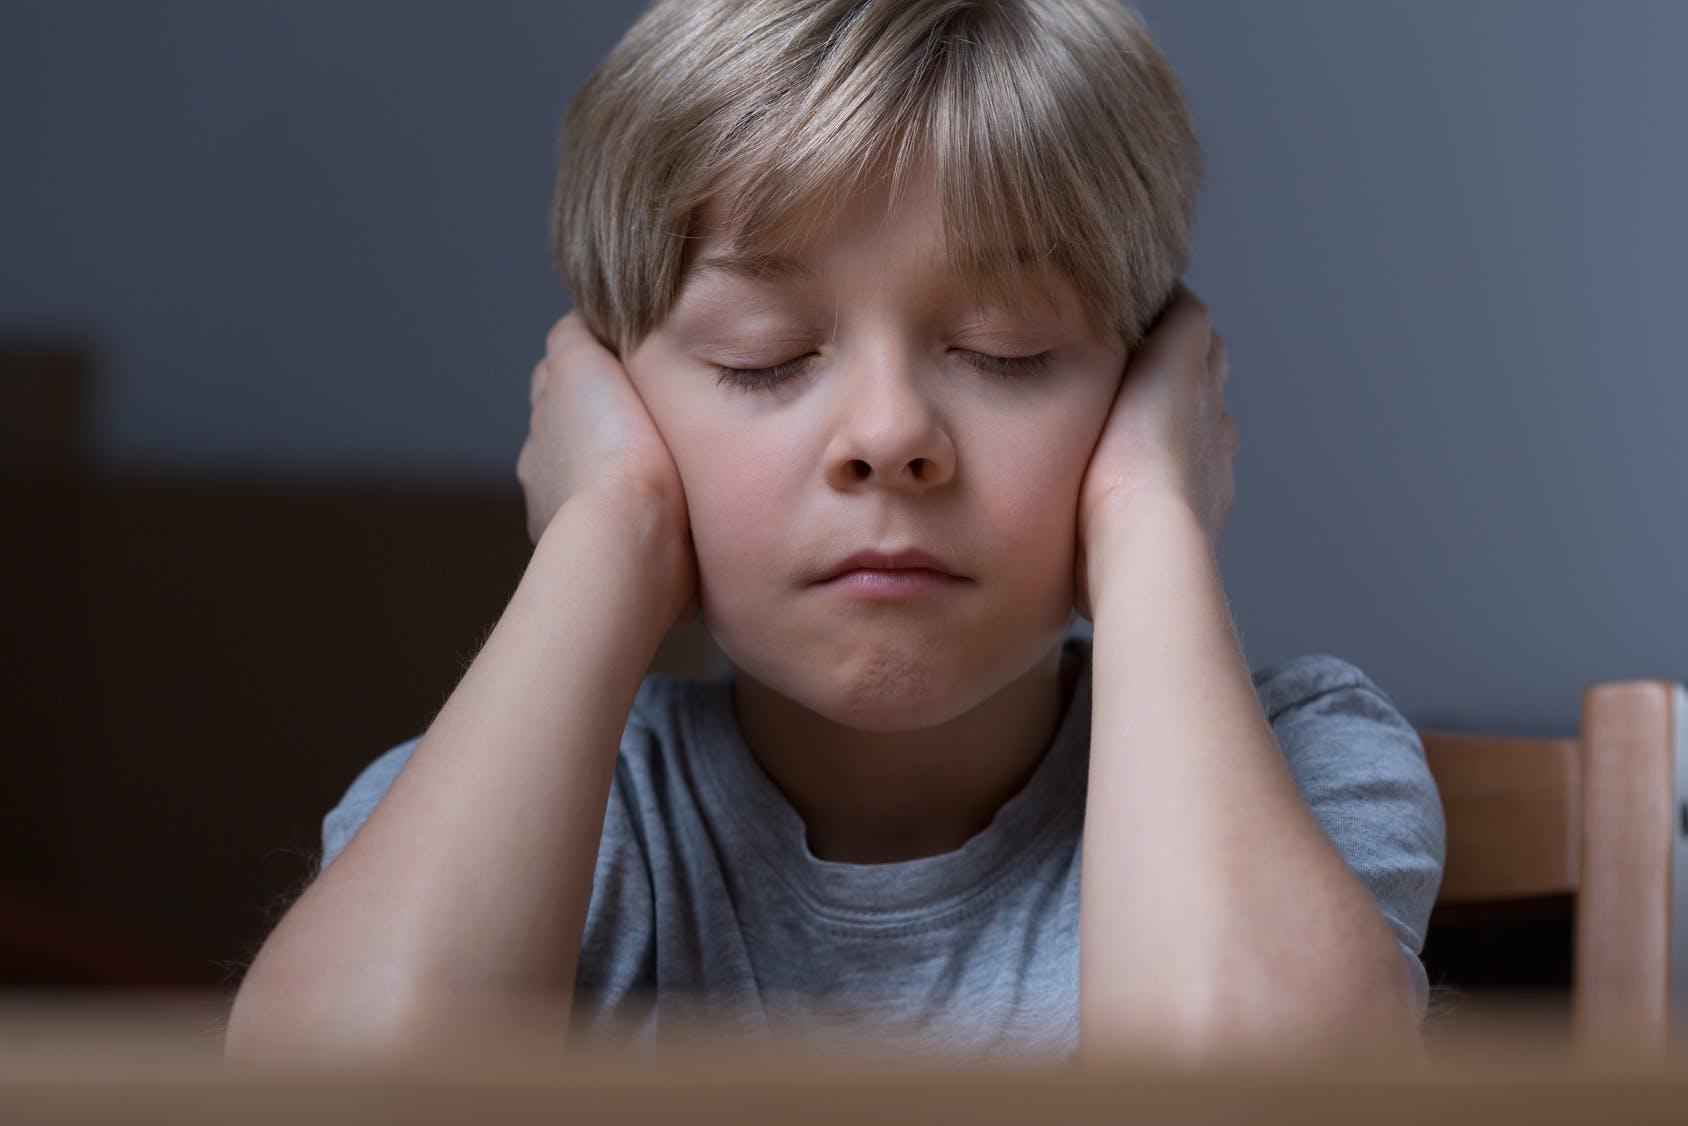 Séparation : comment en parler à son enfant ?